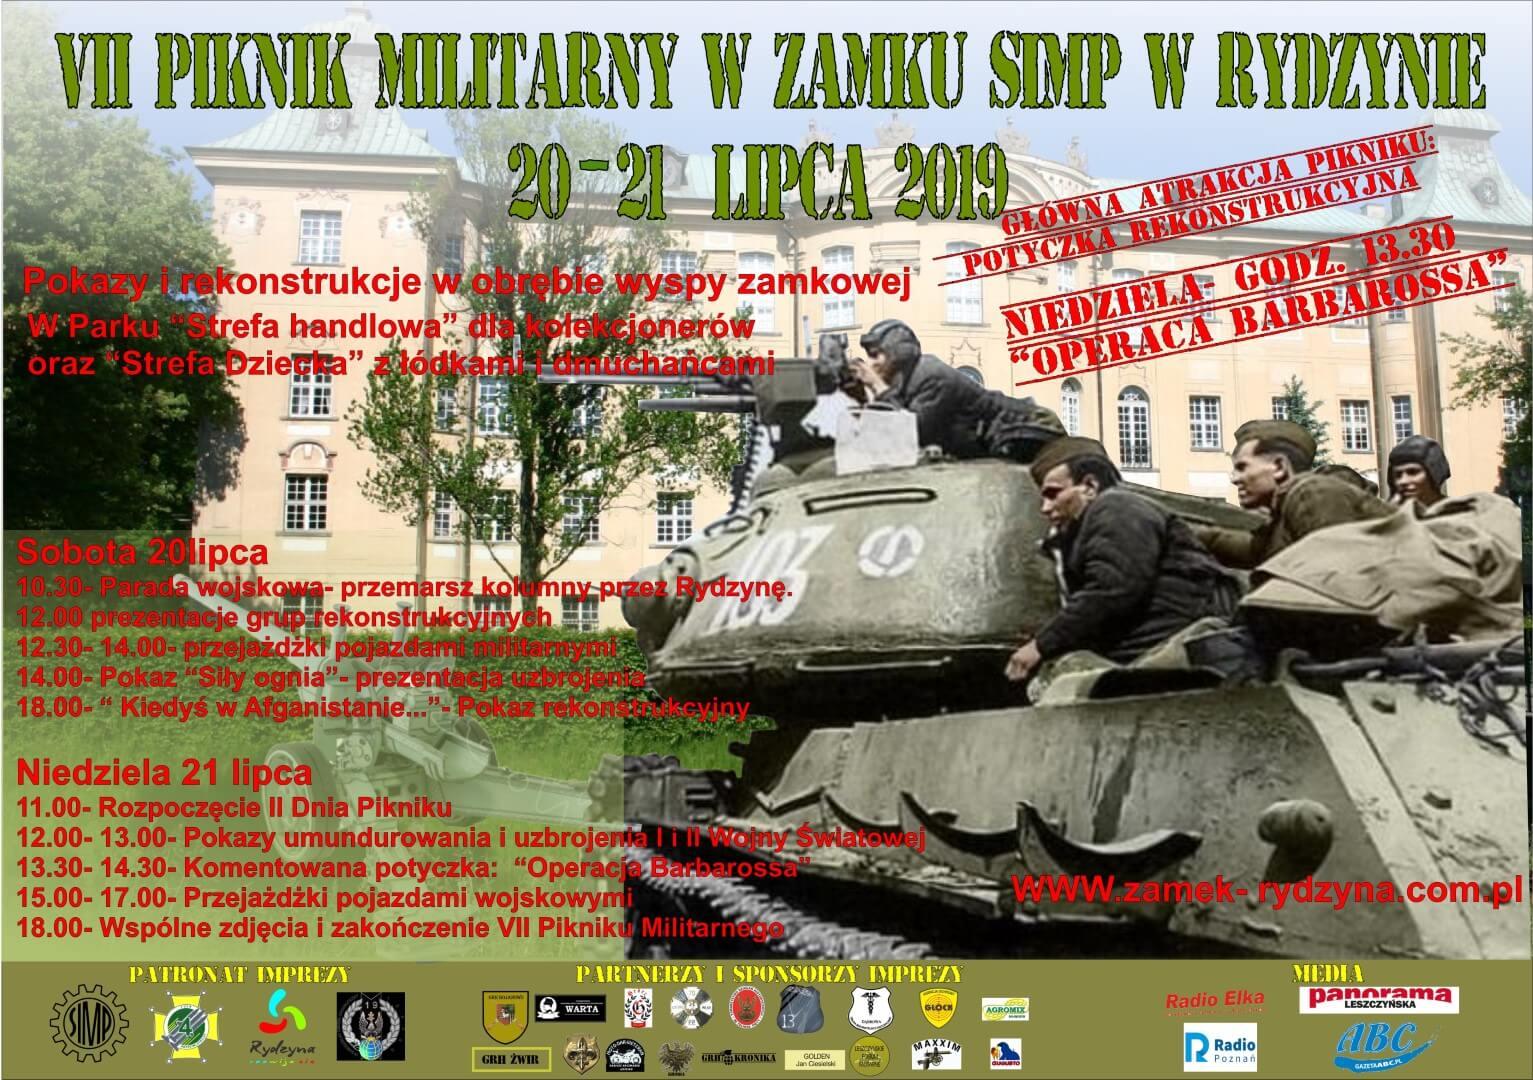 VII Piknik Militarny w Zamku w Rydzynie